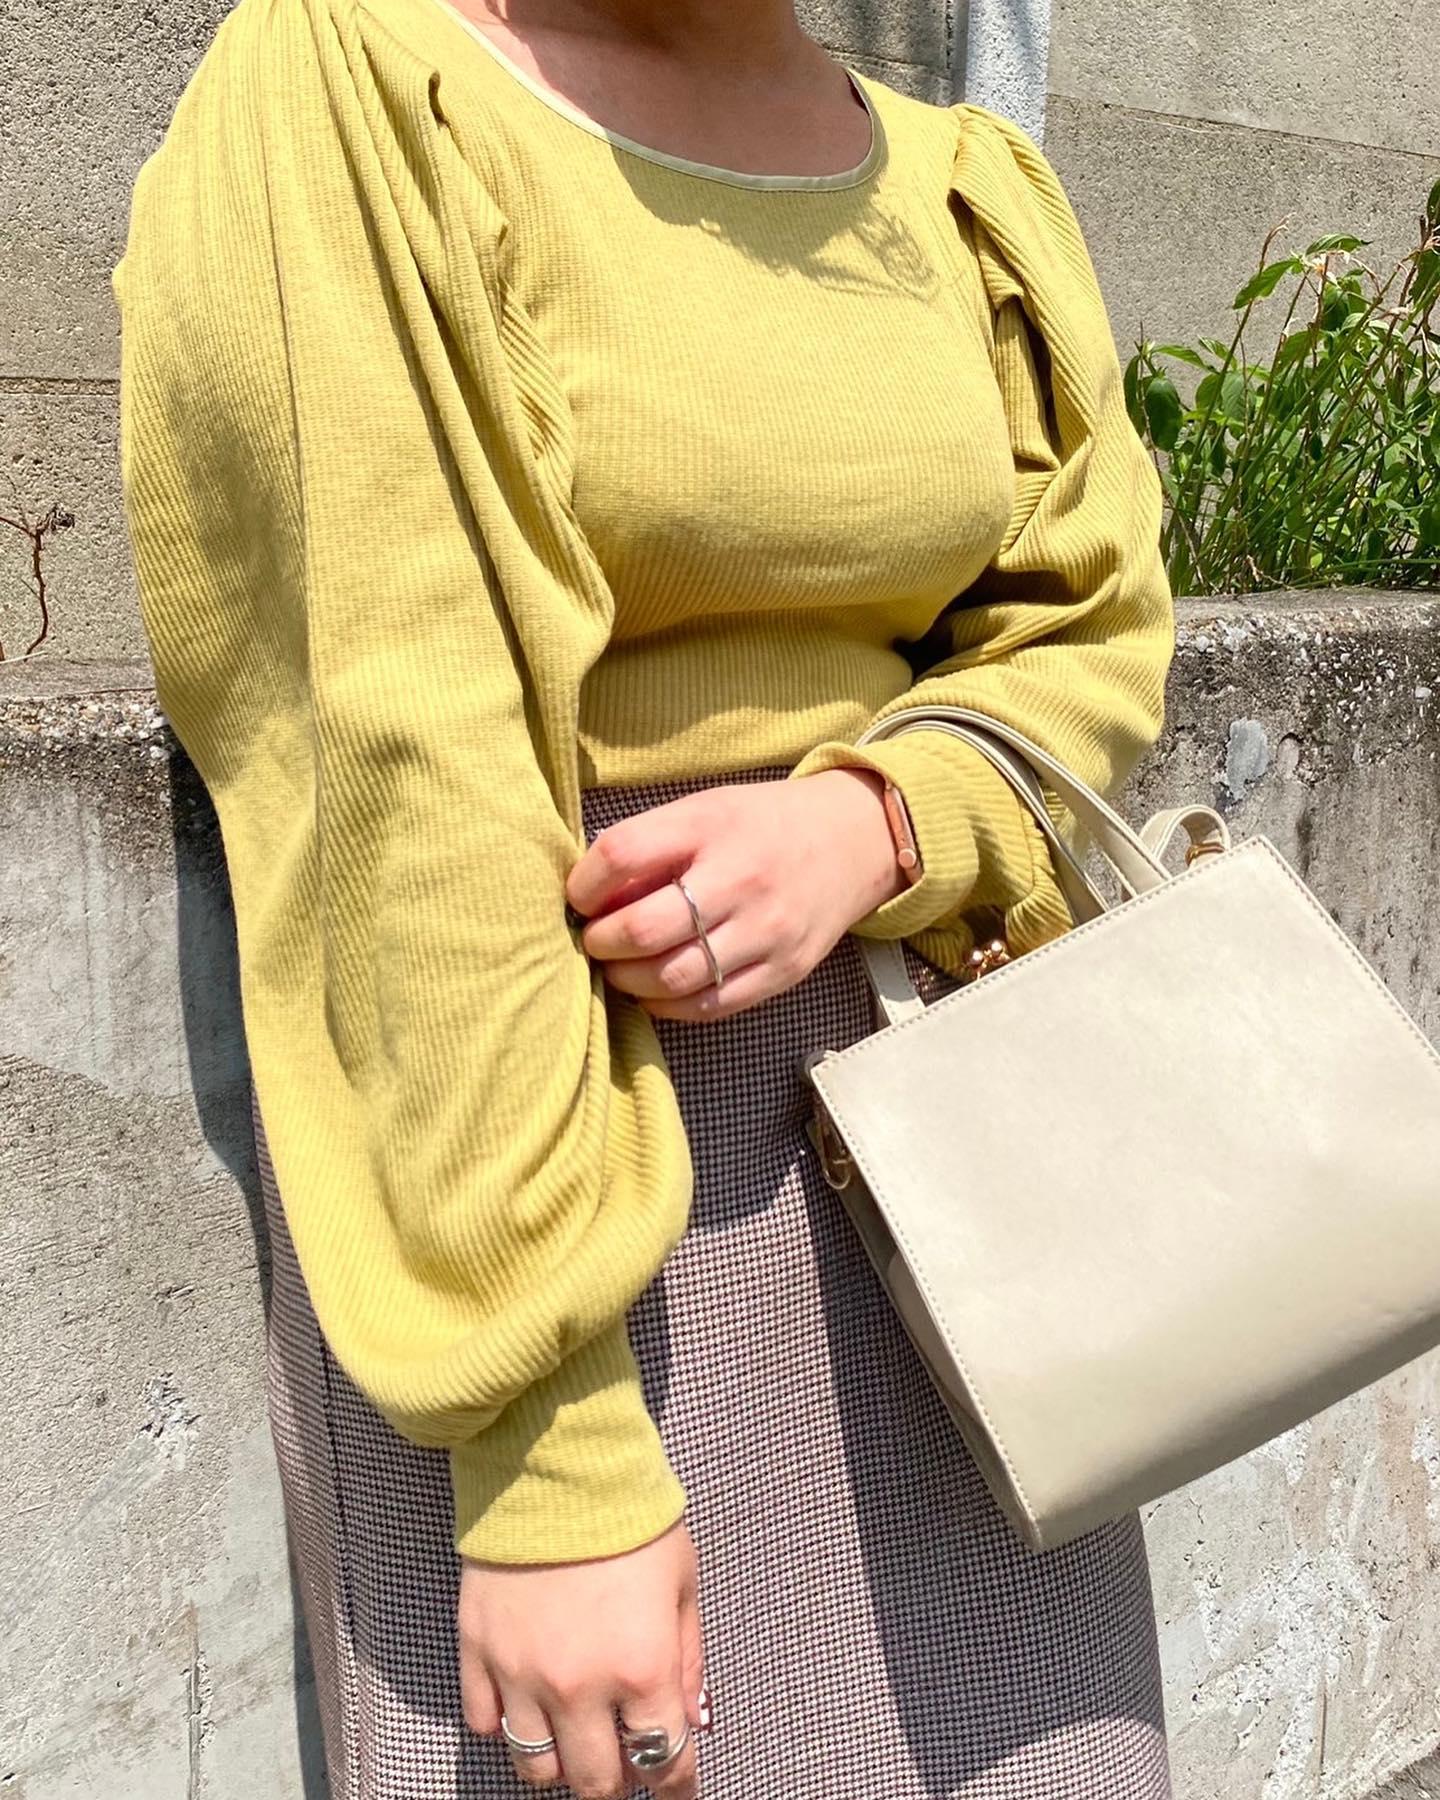 【New arrival】🏷 RF156411T001  パイピングパワショルTee▷¥2,190(税込)(店舗今週入荷.オンライン近日入荷) ∥color∥ white / yellow / blue / black今年トレンドのパイピングデザインにスクエアネックがデコルテを綺麗に見せてくれて女性らしい上品なアイテム#retrogirl_ootd#レトロガール#レトロガールコーデ#トレンドファッション#プチプラコーデ#秋カラー #秋コーデ #2021aw#パイピング #マーメイドスカート